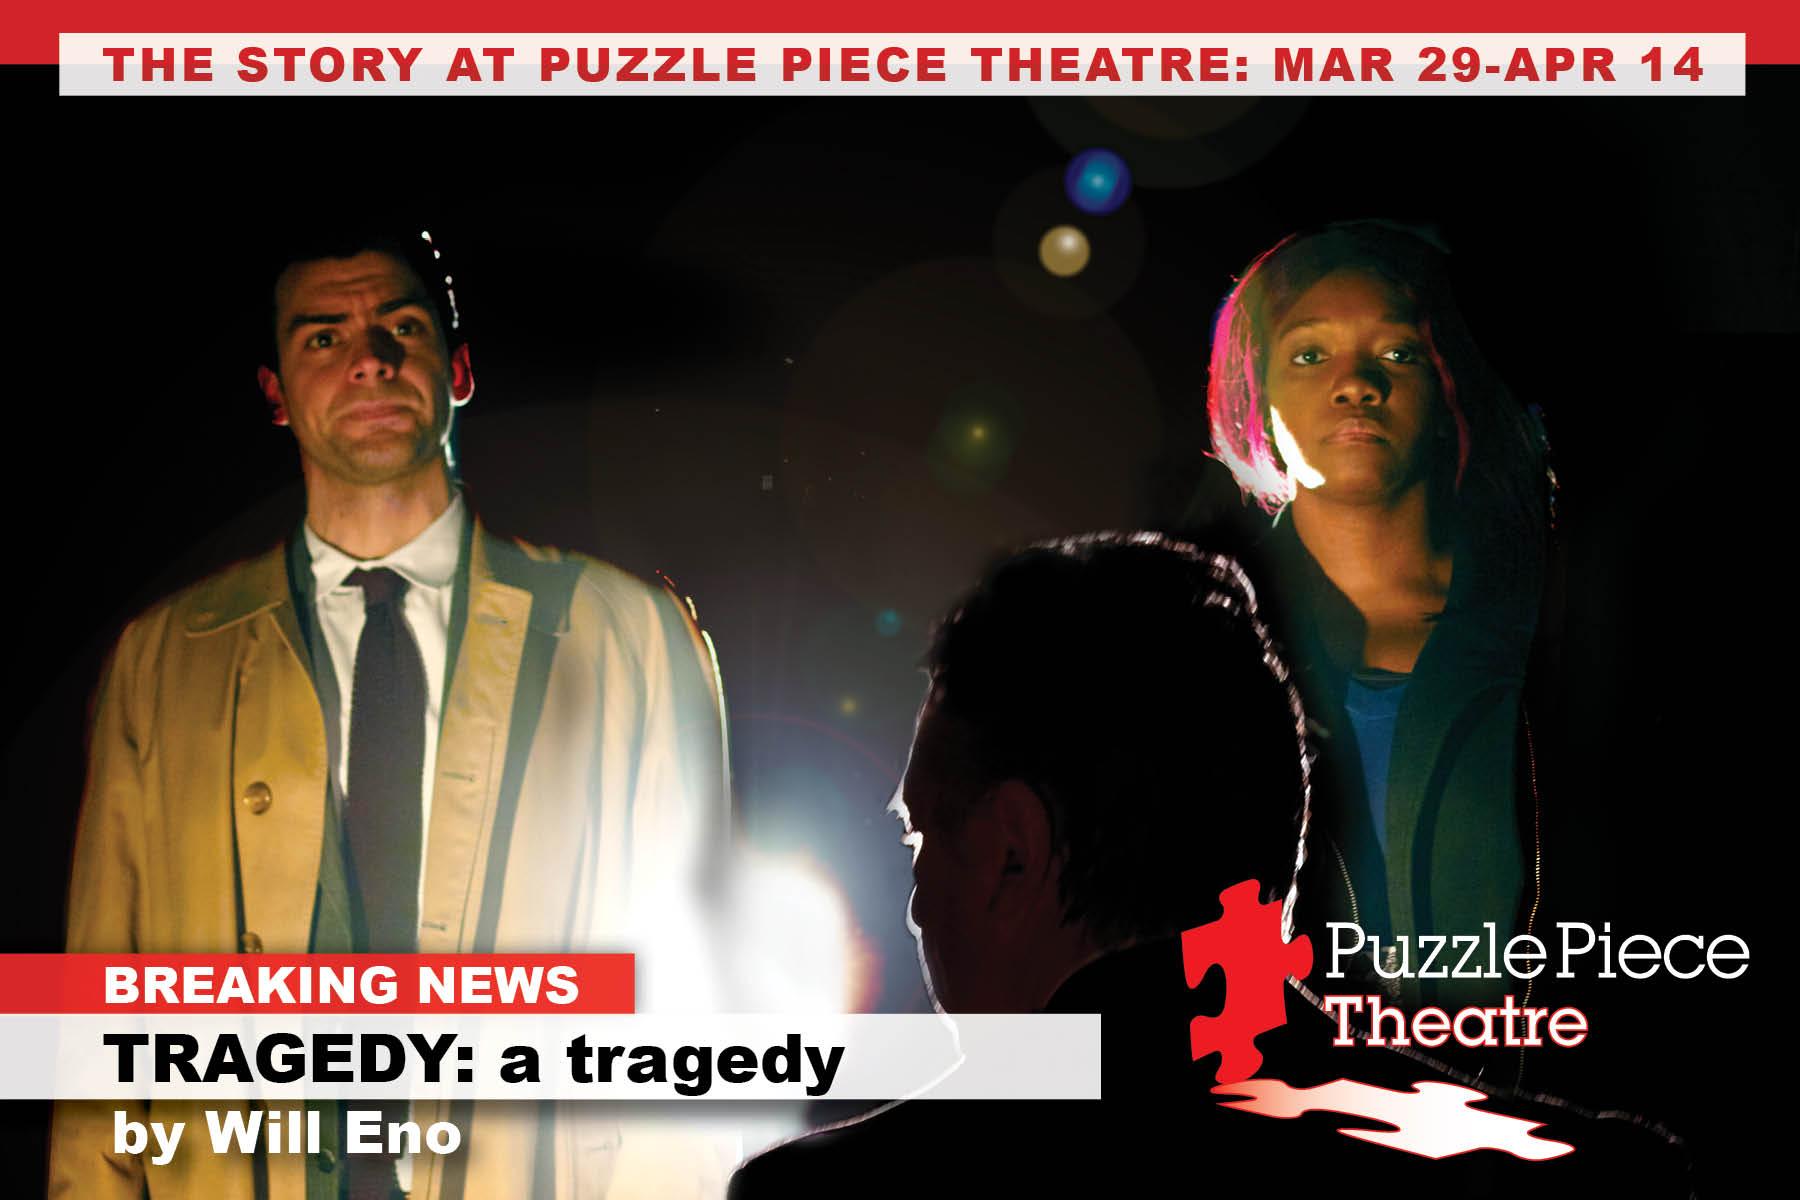 Tragedy-PuzzlePieceTheatre.jpg